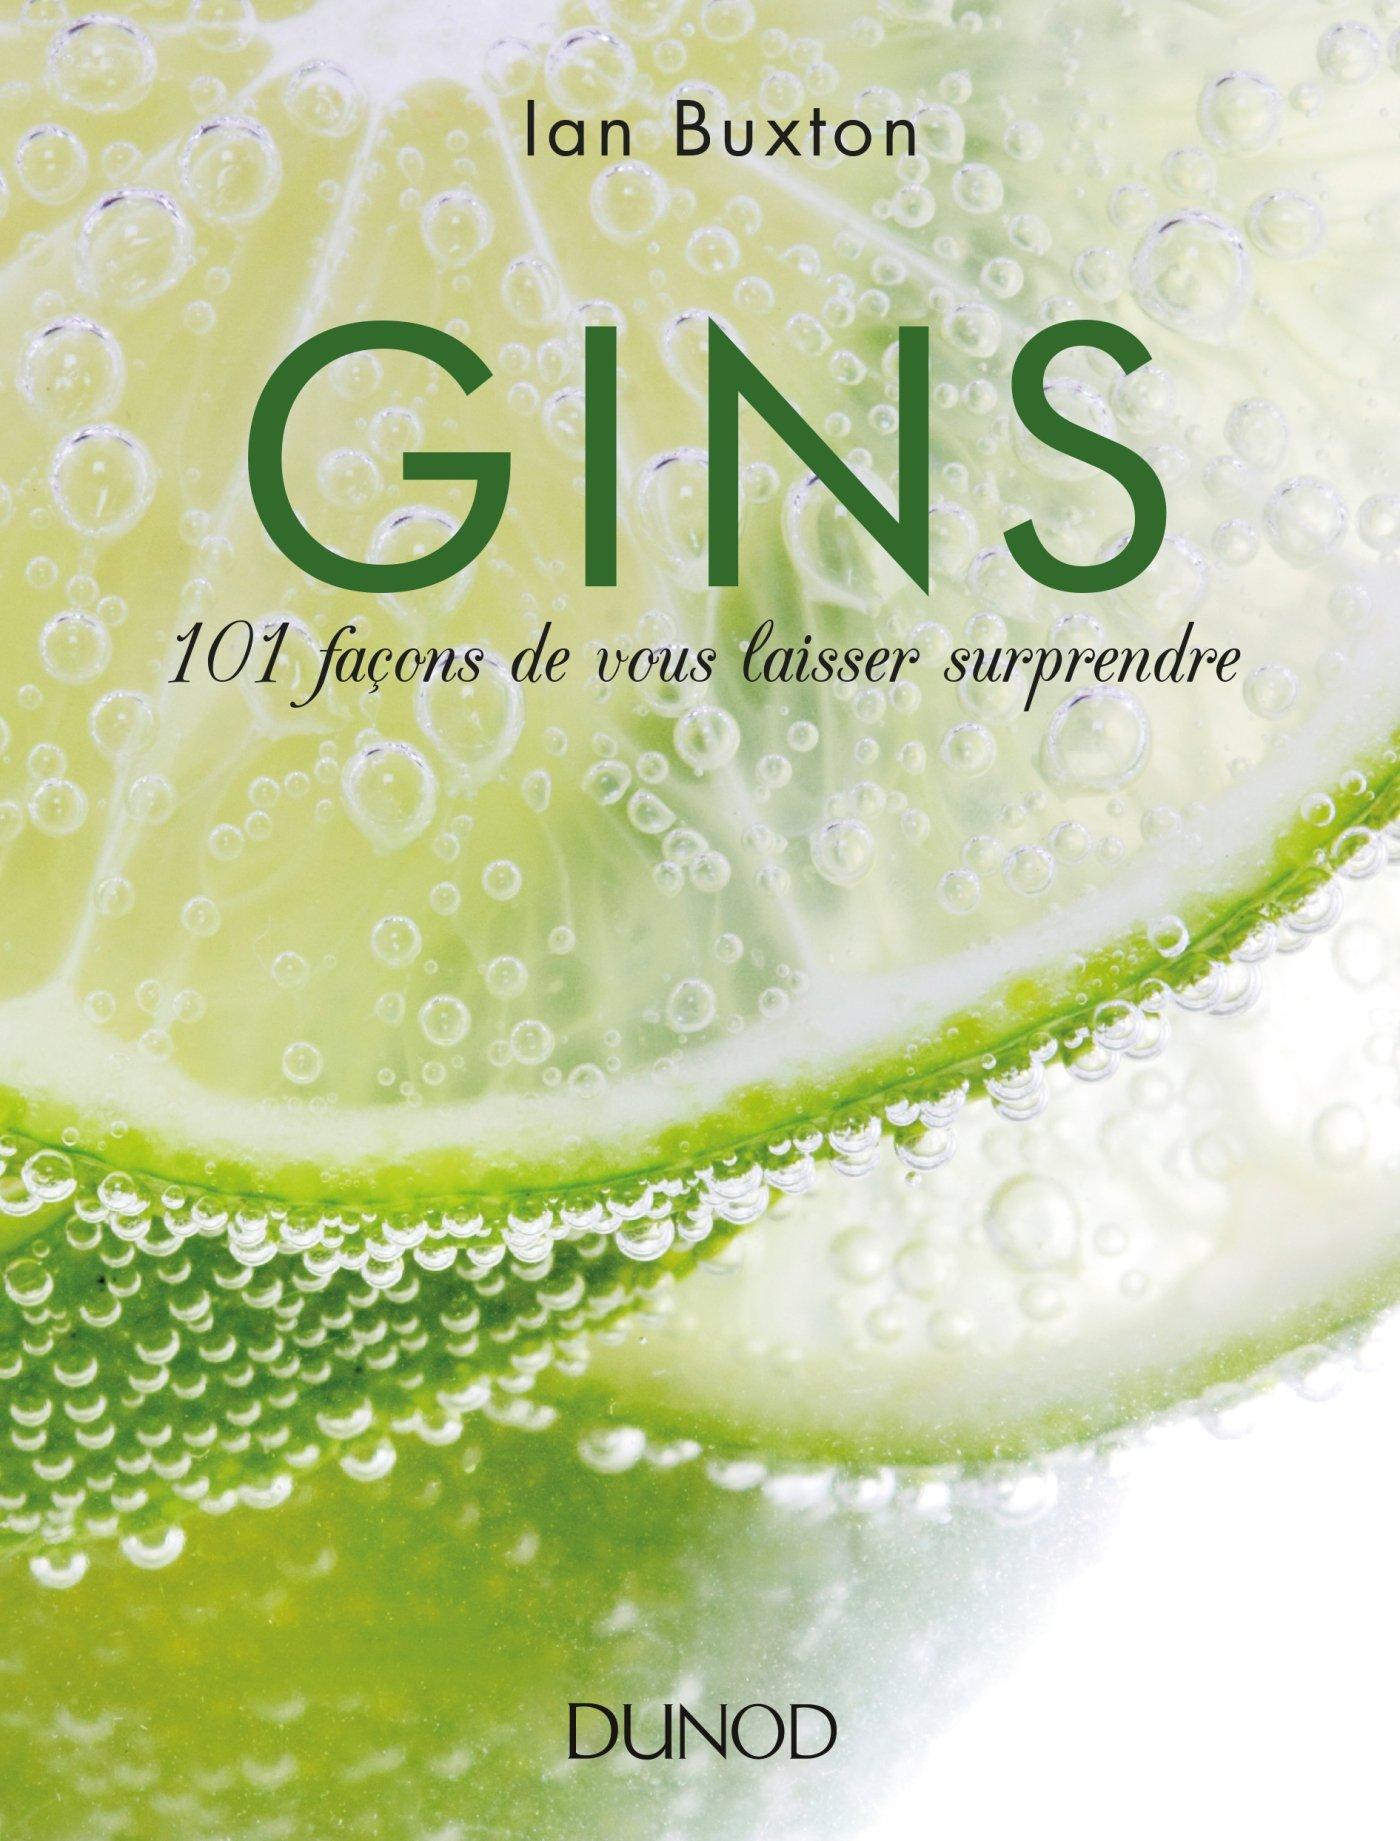 Gins - 101 façons de vous laisser surprendre Relié – 5 octobre 2016 Ian Buxton Dunod 2100754238 Alcools